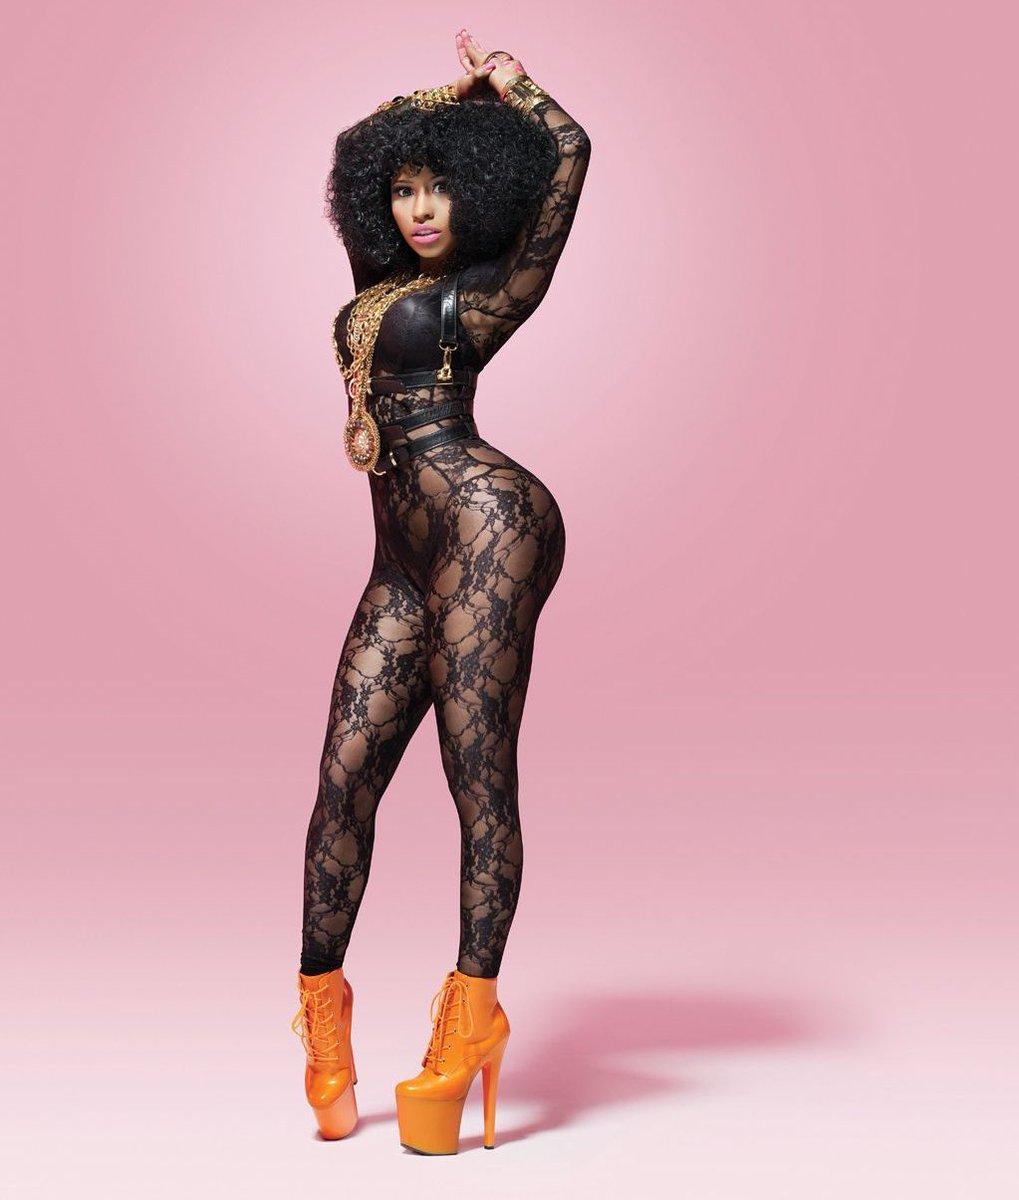 Nicki minaj hot sexy photos